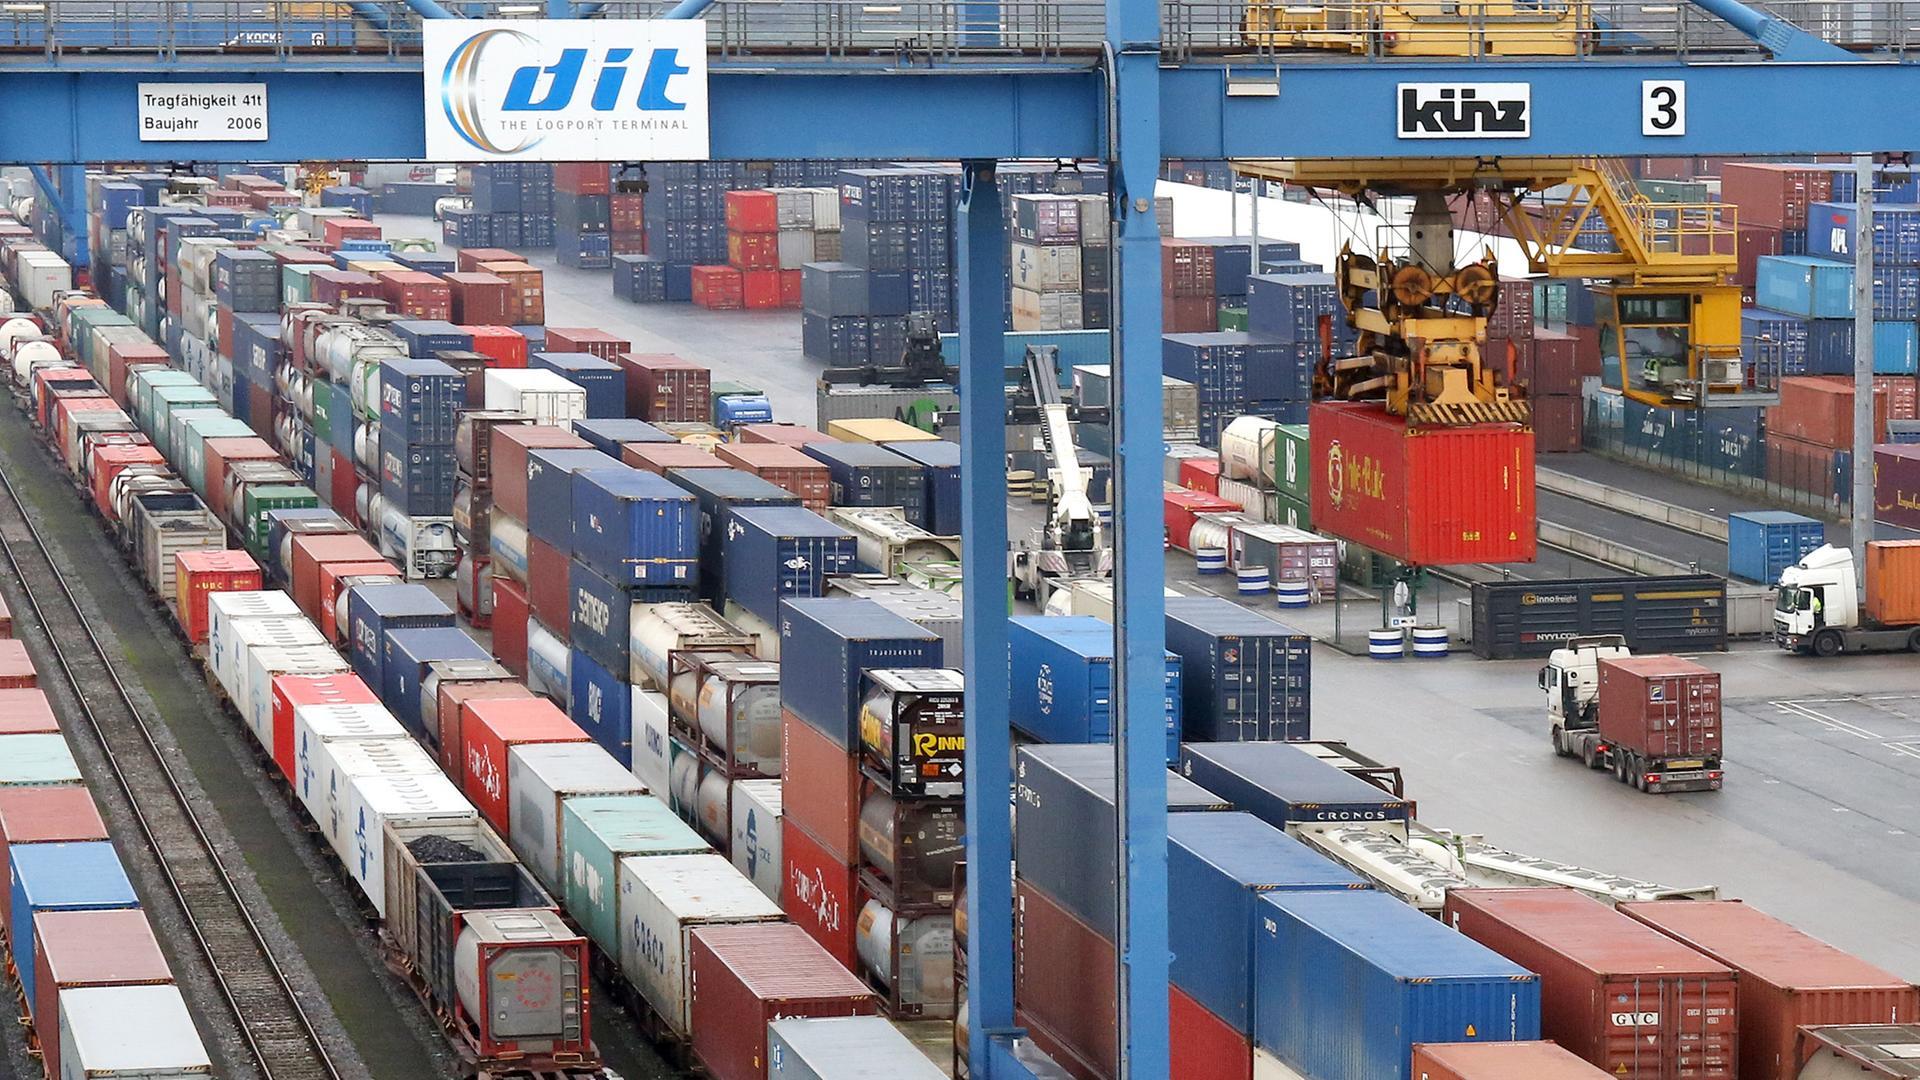 Archiv: Container des trimodalen Containerterminals stehen im Duisburger Hafen neben einem Zug aus China